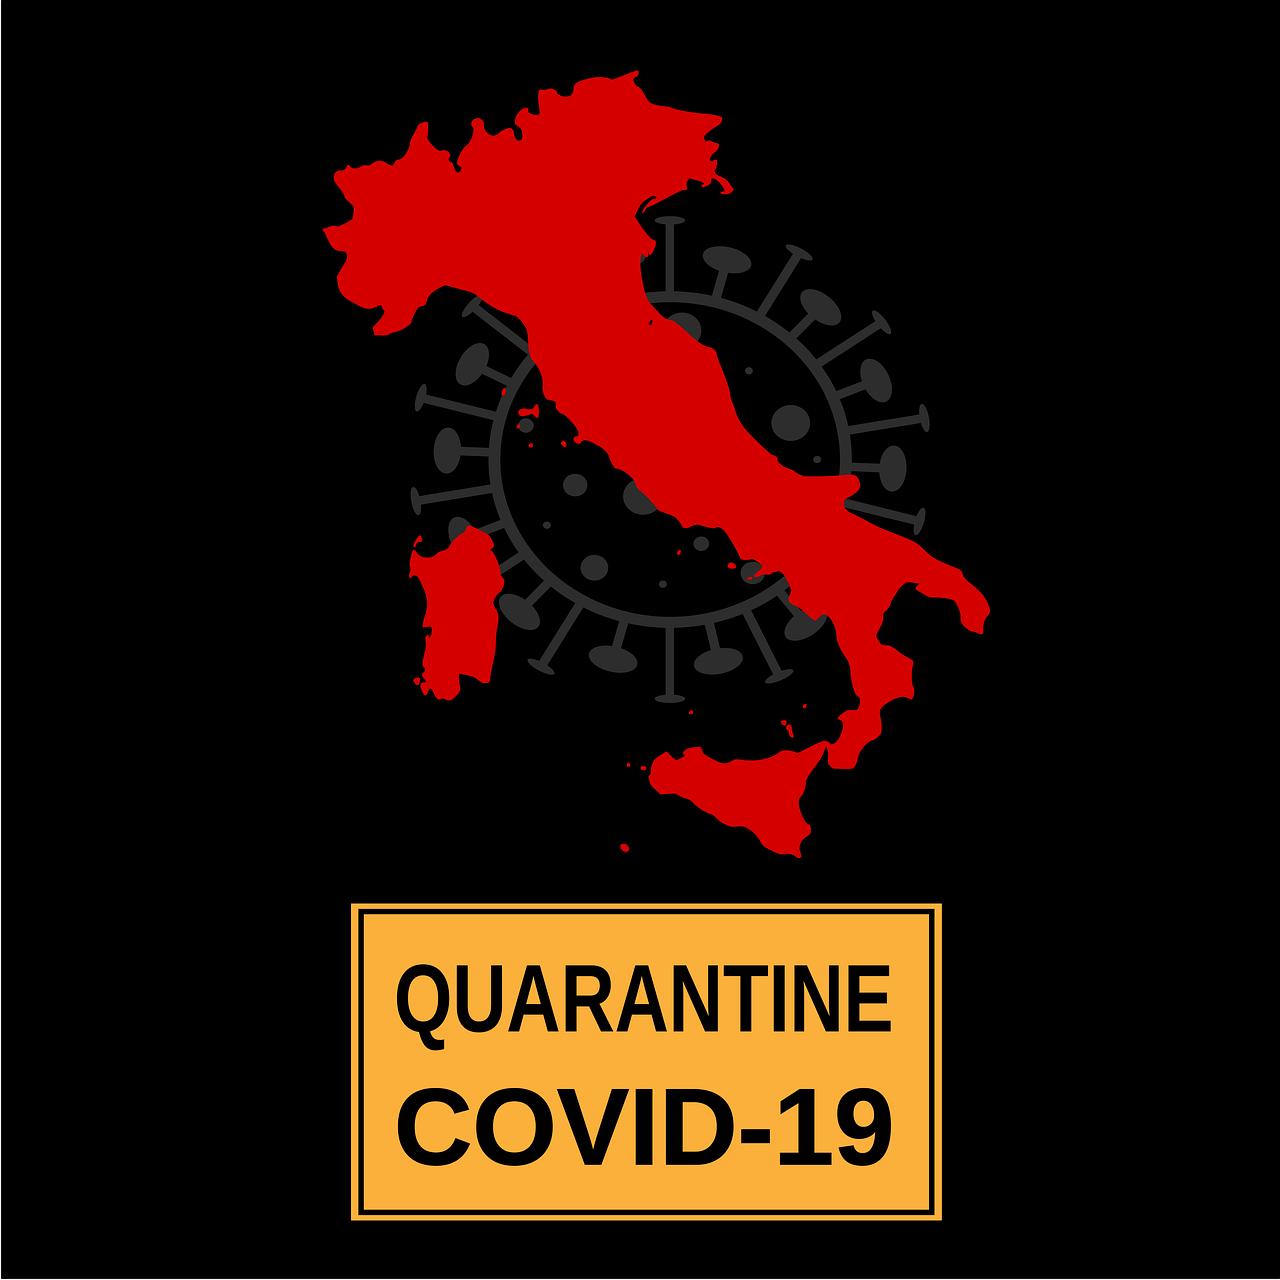 """Saqueos y algaradas contra la cuarentena en el sur de Italia: """"Está en riesgo el orden democrático"""""""